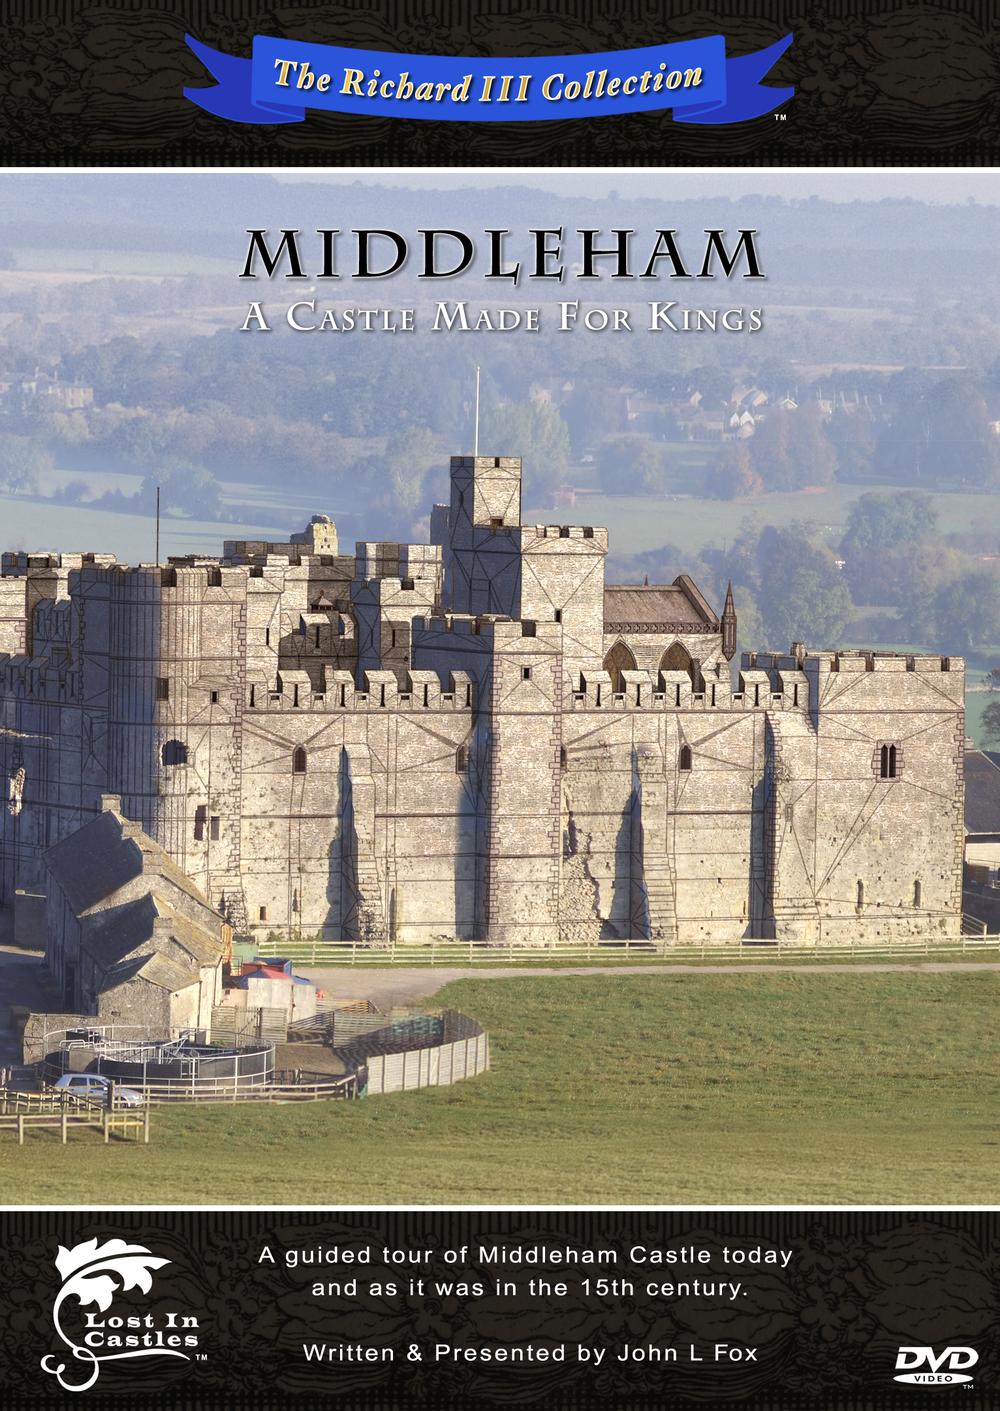 Middleham Castle - 48 minutes